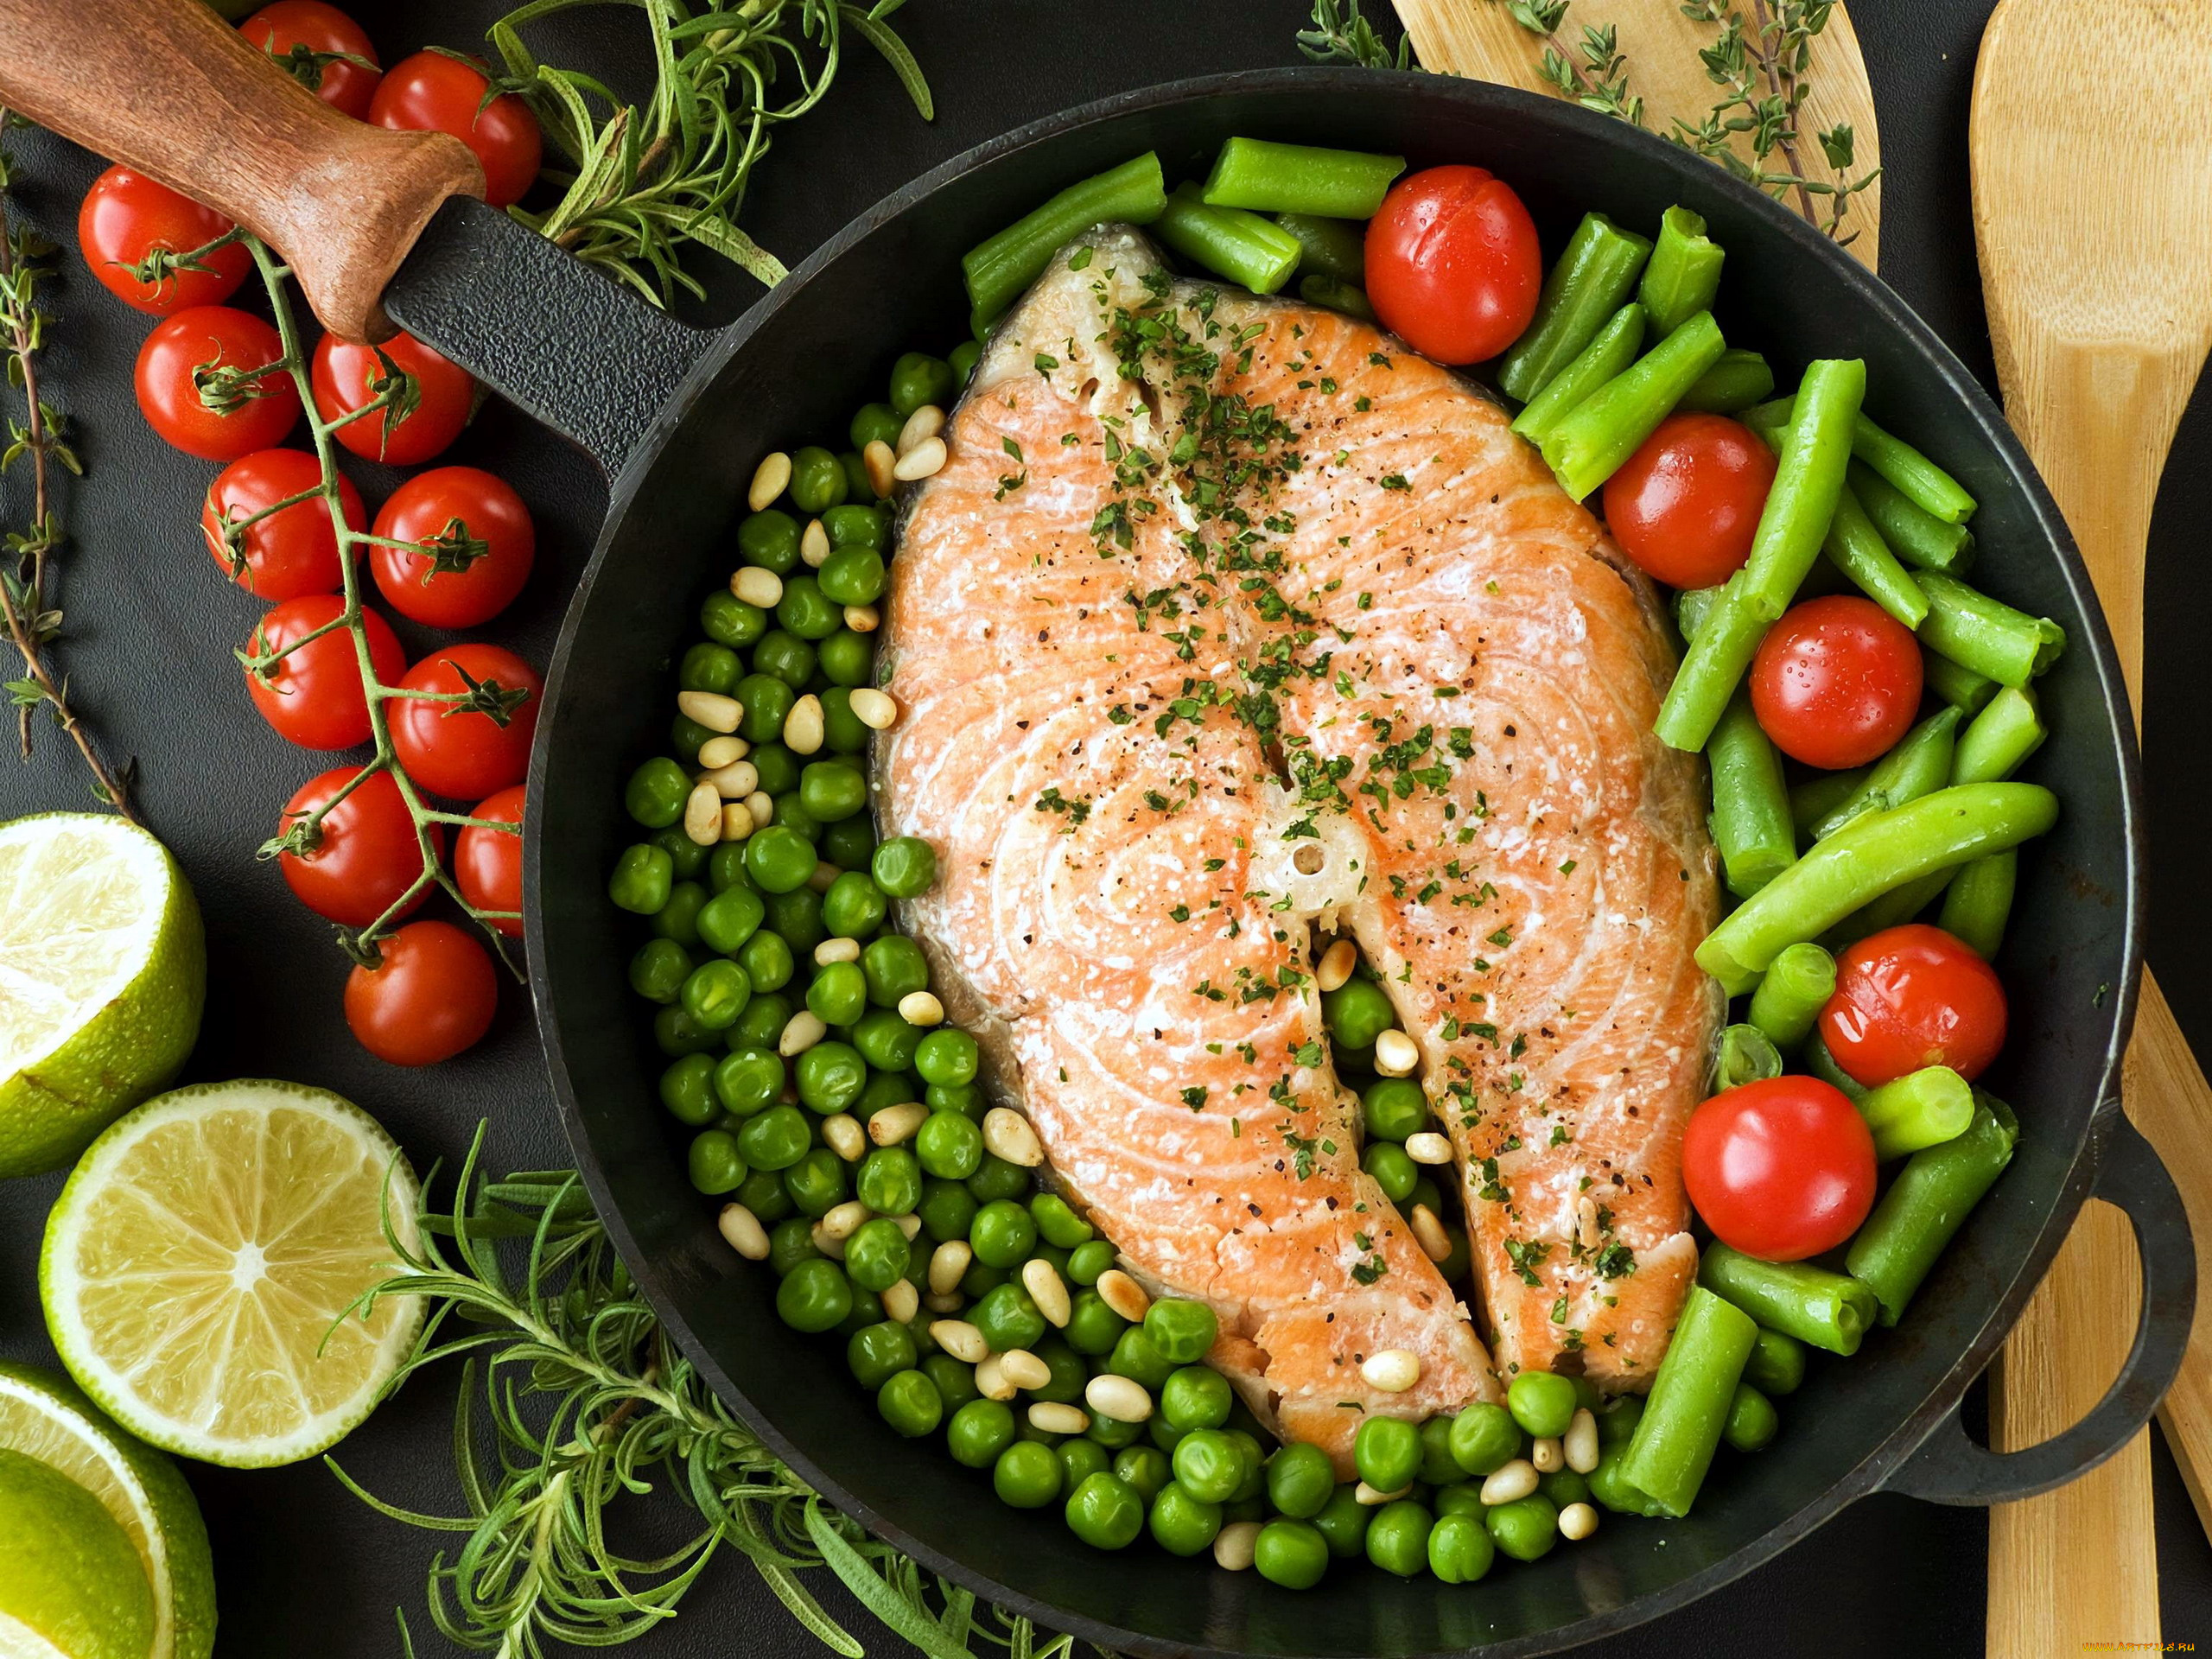 Рецепты для похудения, диетические блюда, диета запись закреплена.